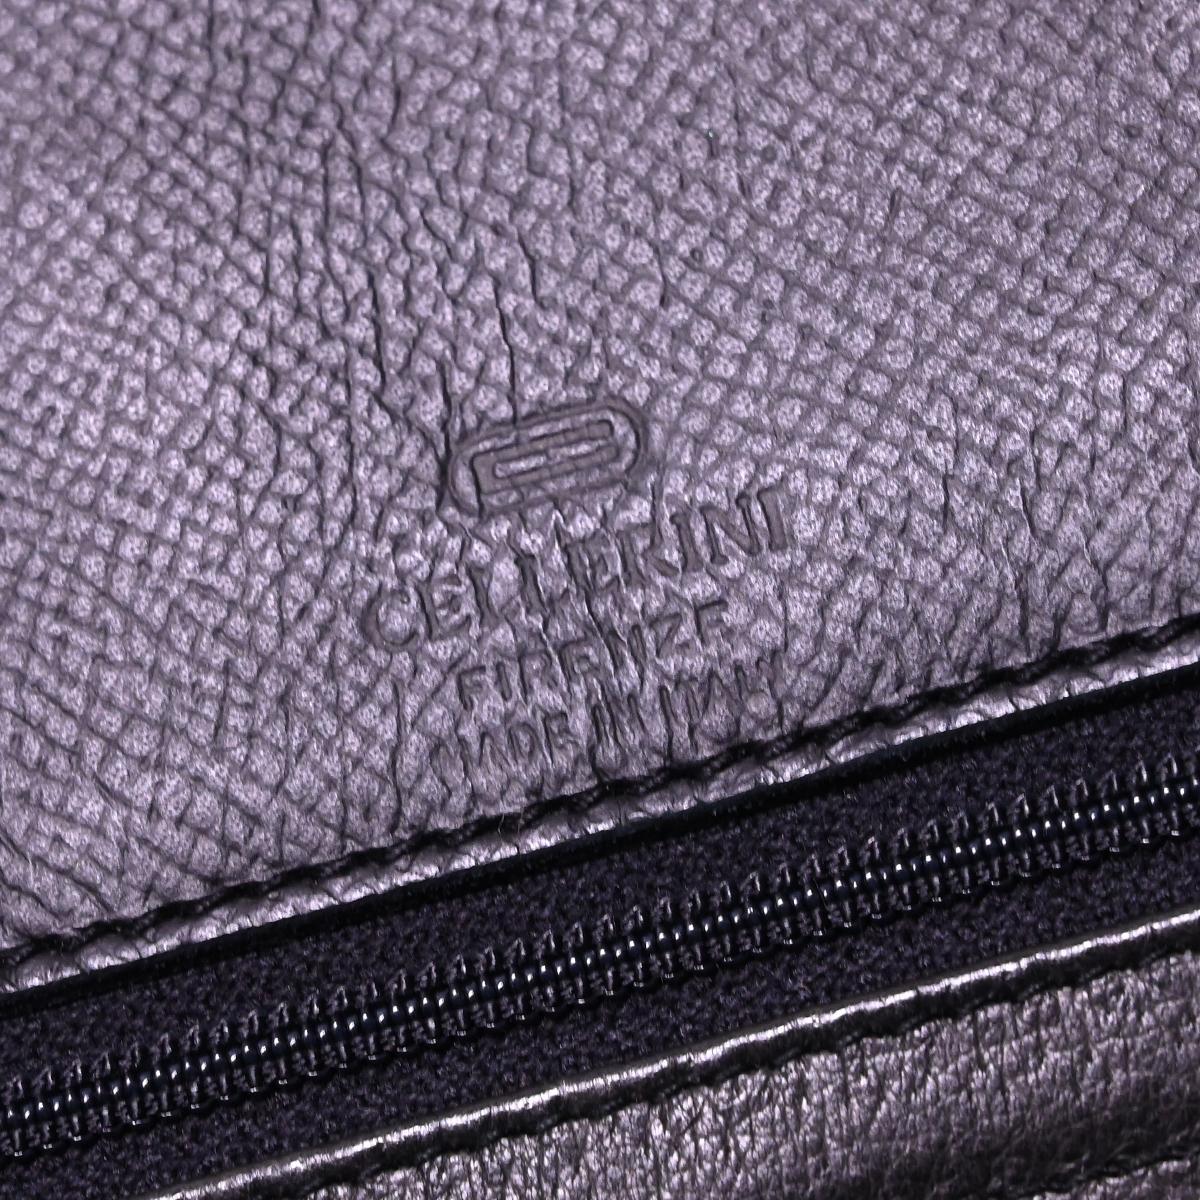 本物 チェレリーニ 極希少 ラージサイズ 2WAYフルレザー鍵付きメンズダッフルバッグ A4書類バーキン型ビジネスバッグ CELLERINI_画像9